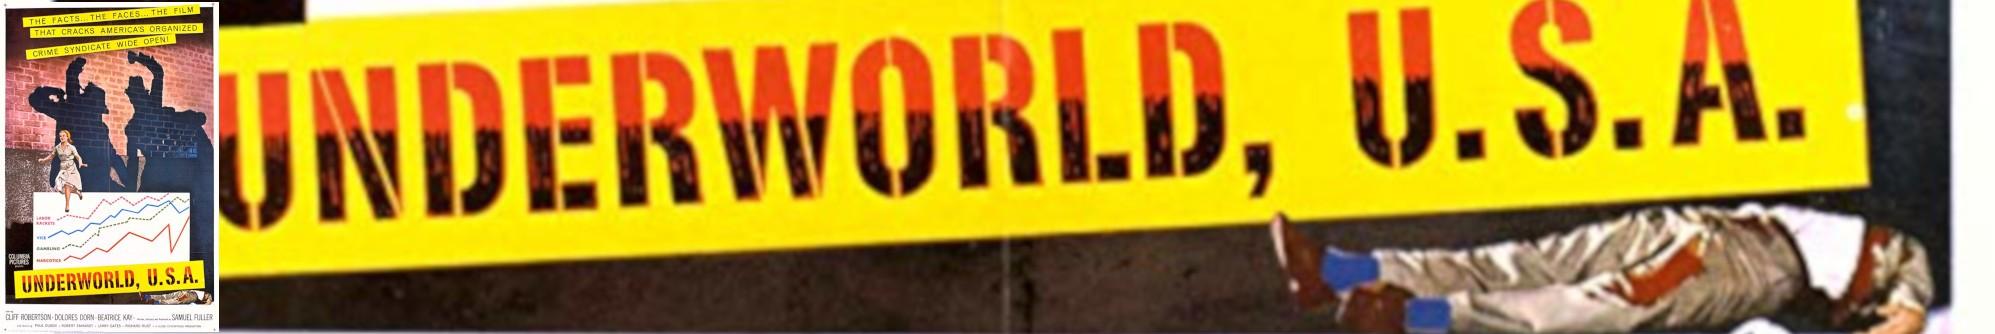 Underworld USA Banner